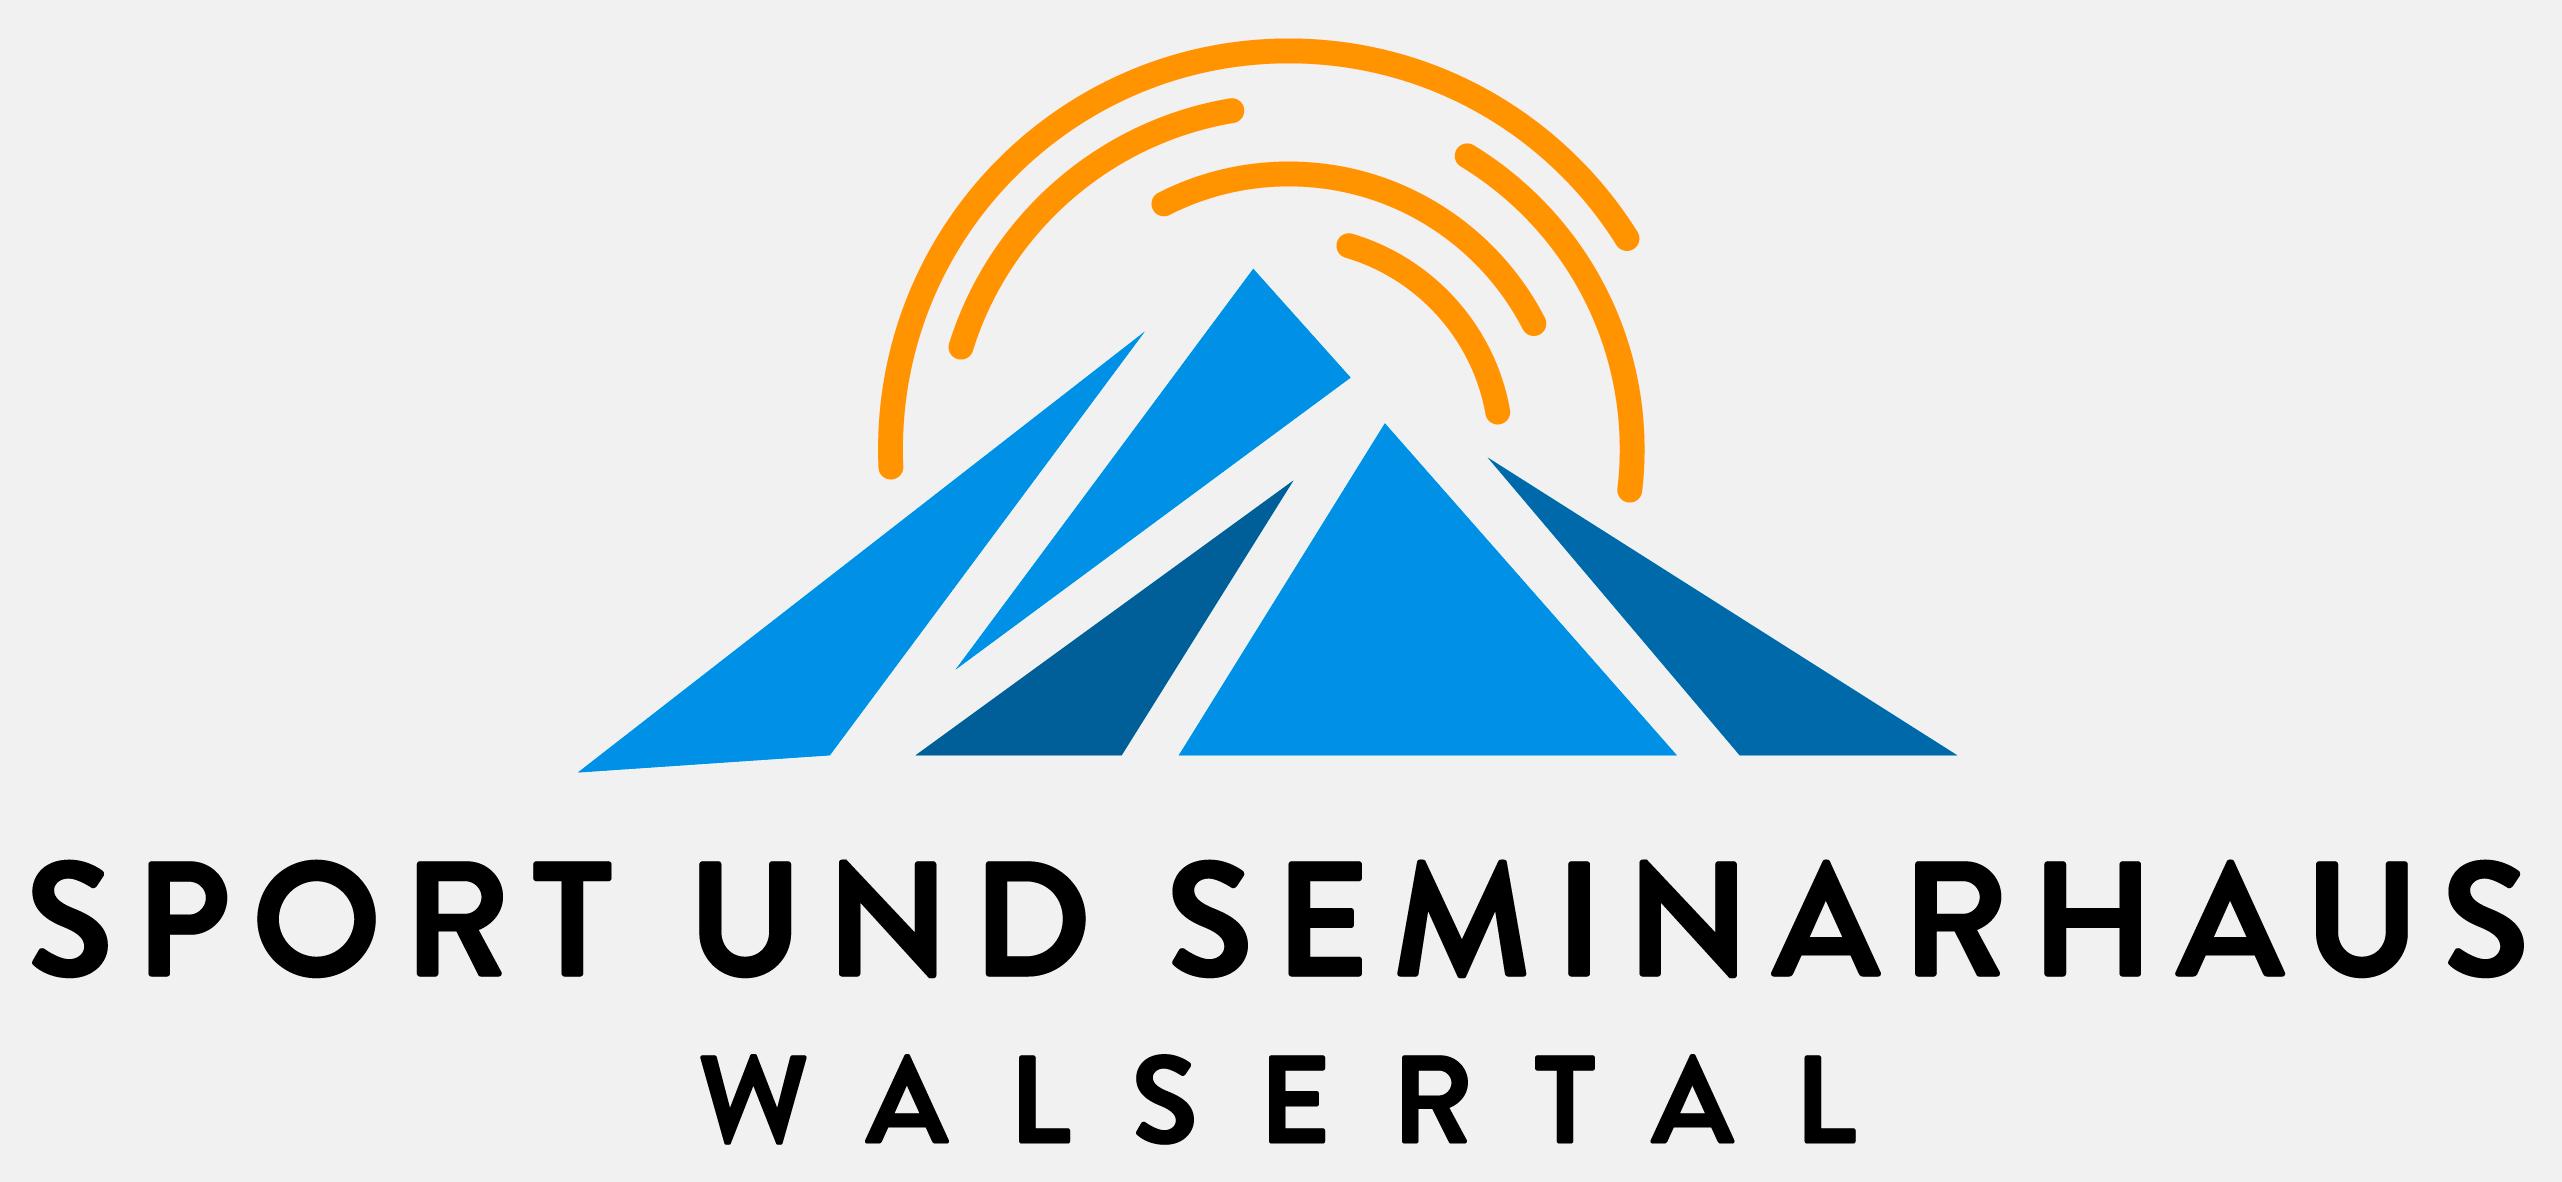 Sport- und Seminarhaus Walsertal